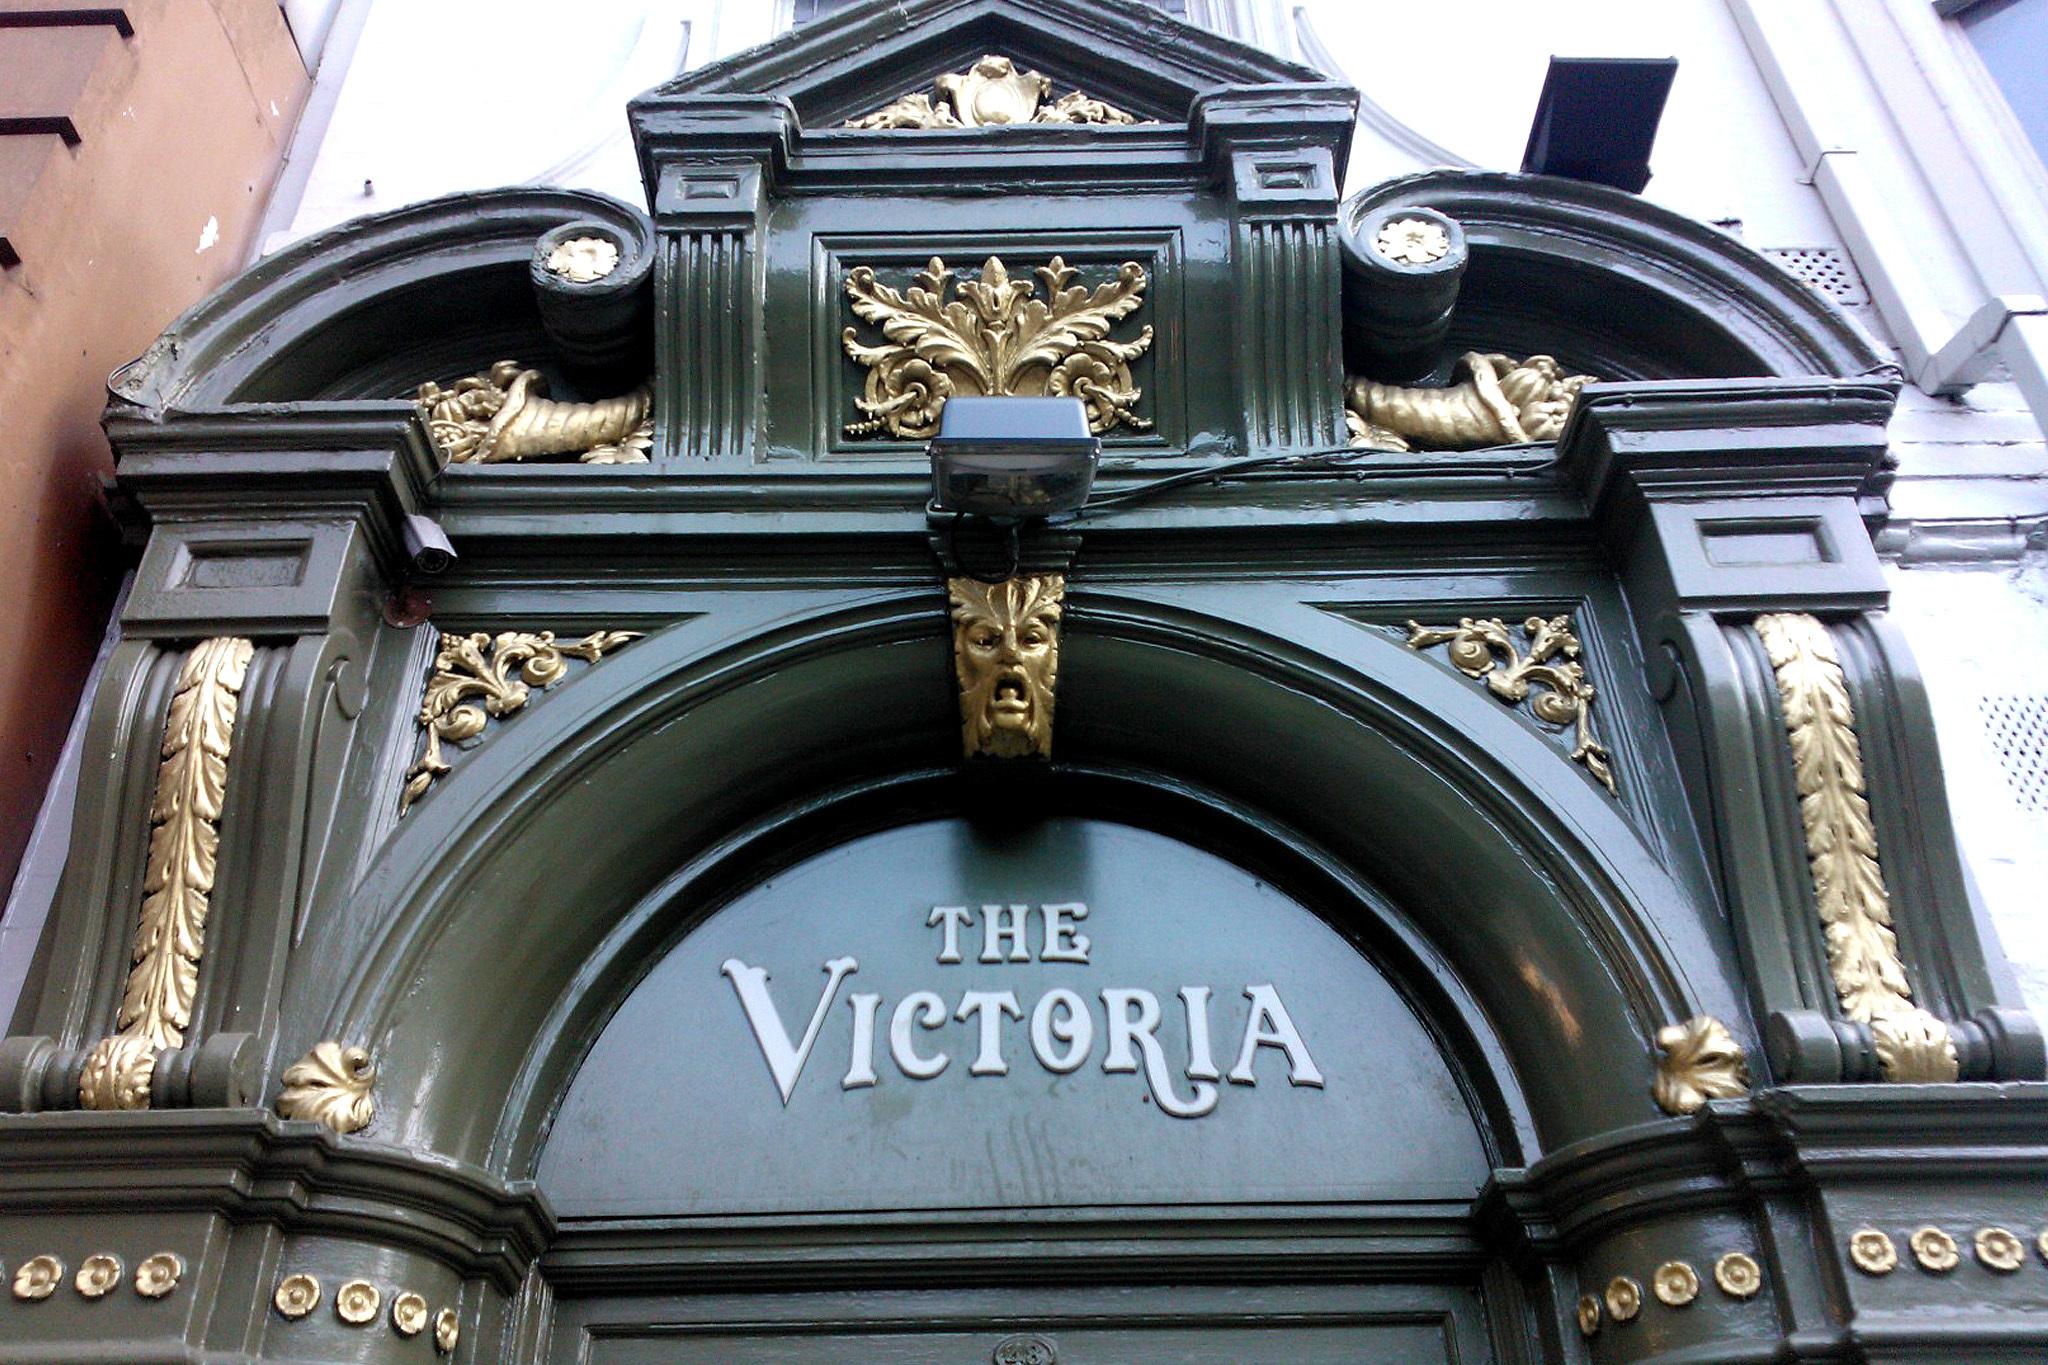 The Victoria, pub